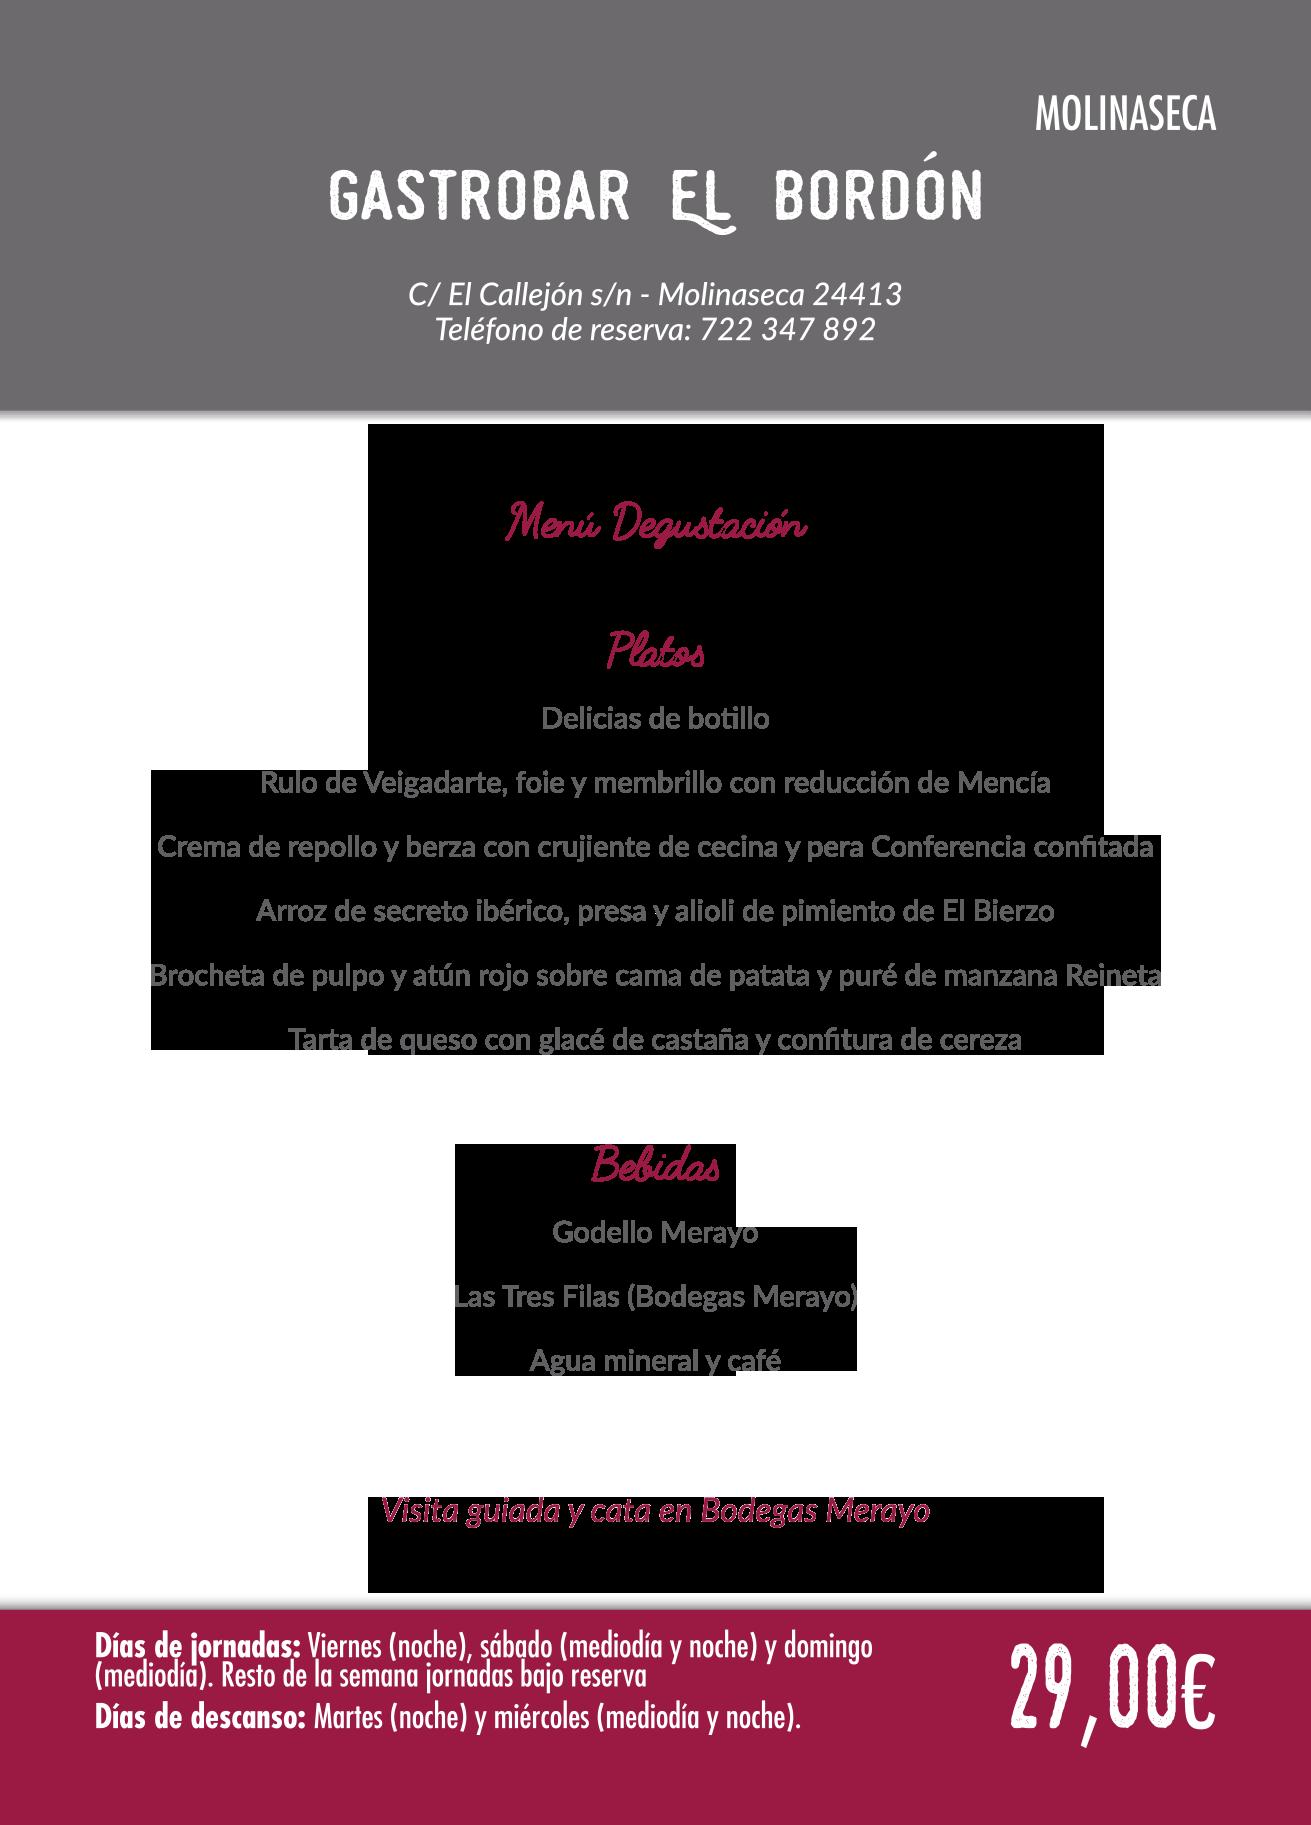 Las Jornadas Gastronómicas del Bierzo llegan a su 35 edición. Consulta los menús de esta edición 3